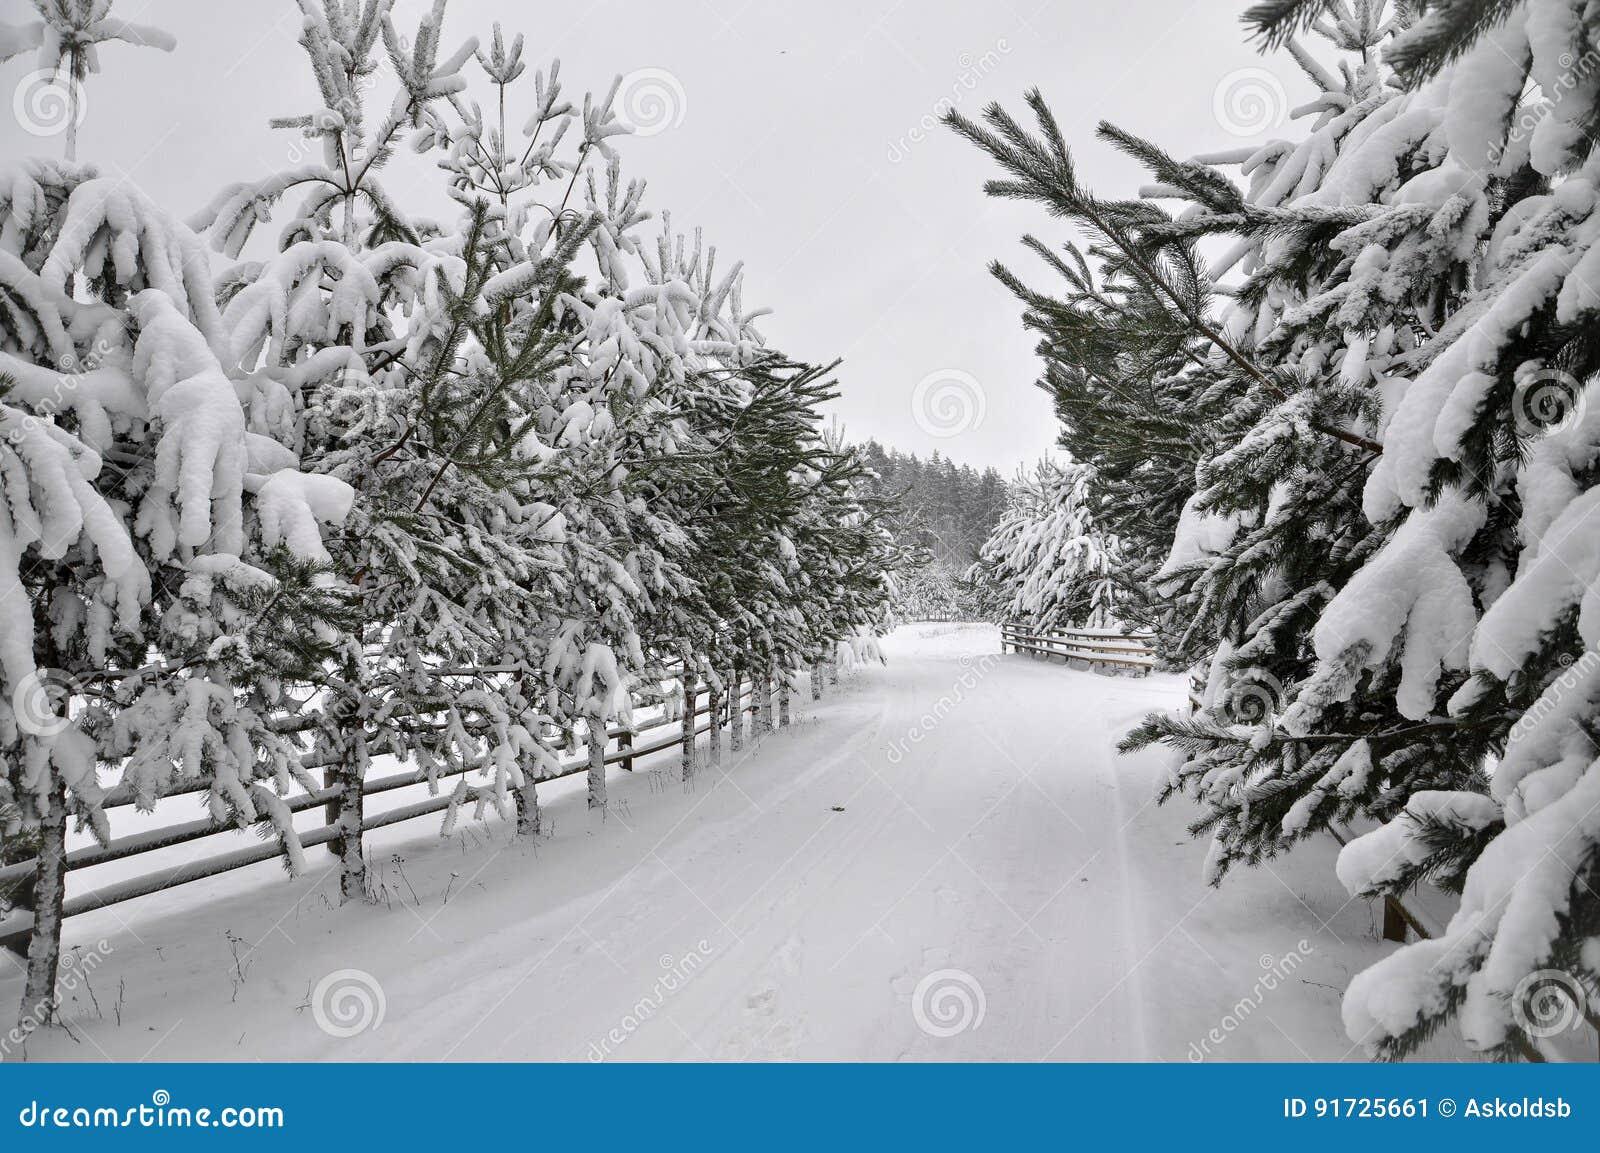 De winterweg met een houten omheining en sparren aan beide kanten van de weg